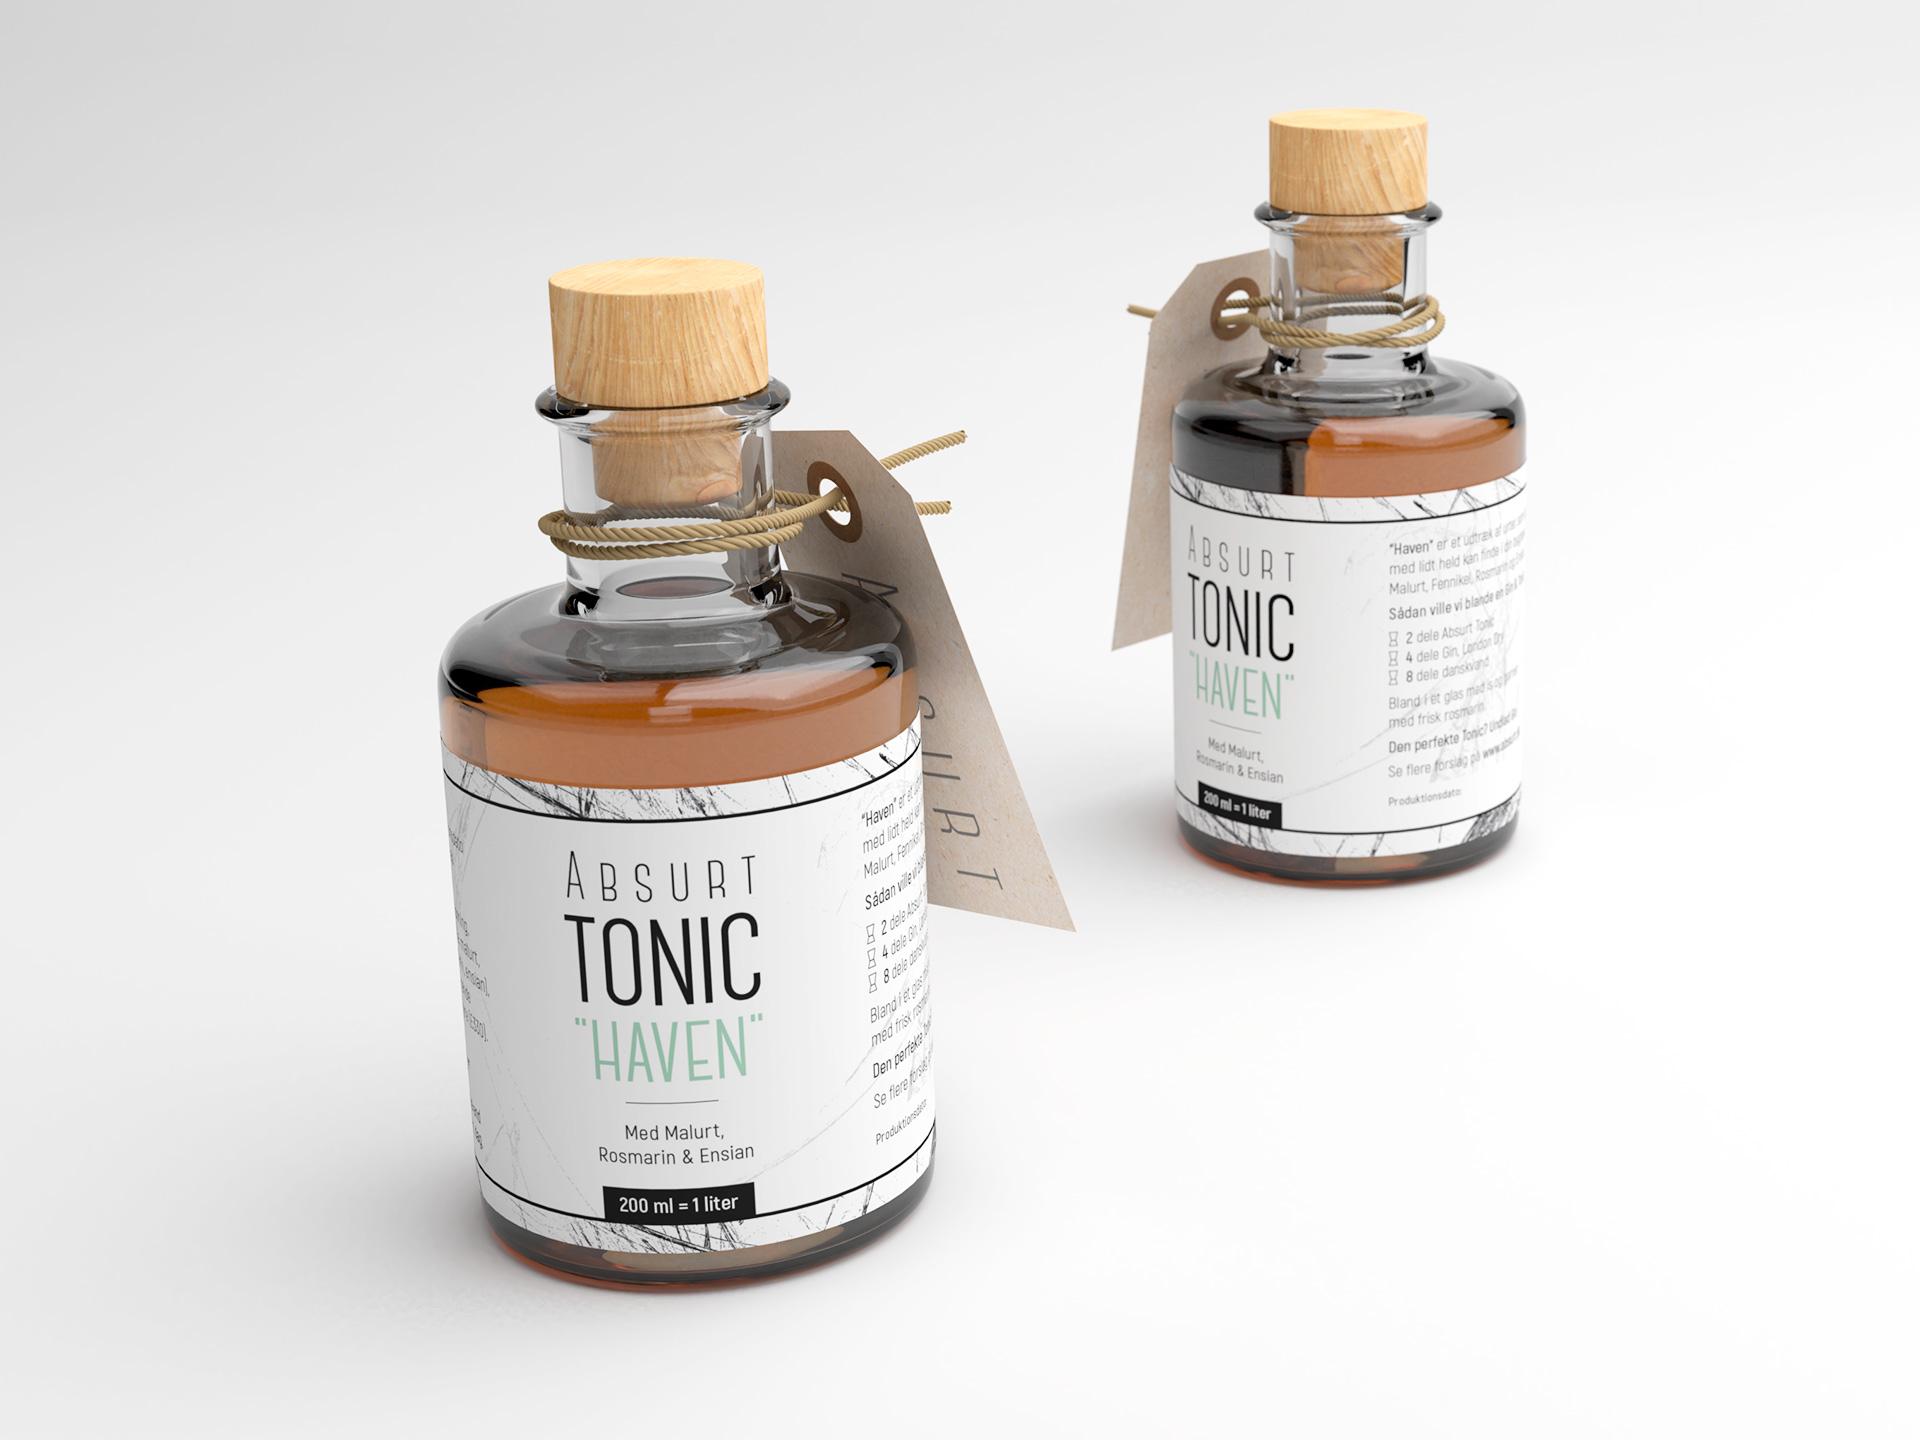 Absurt flaske